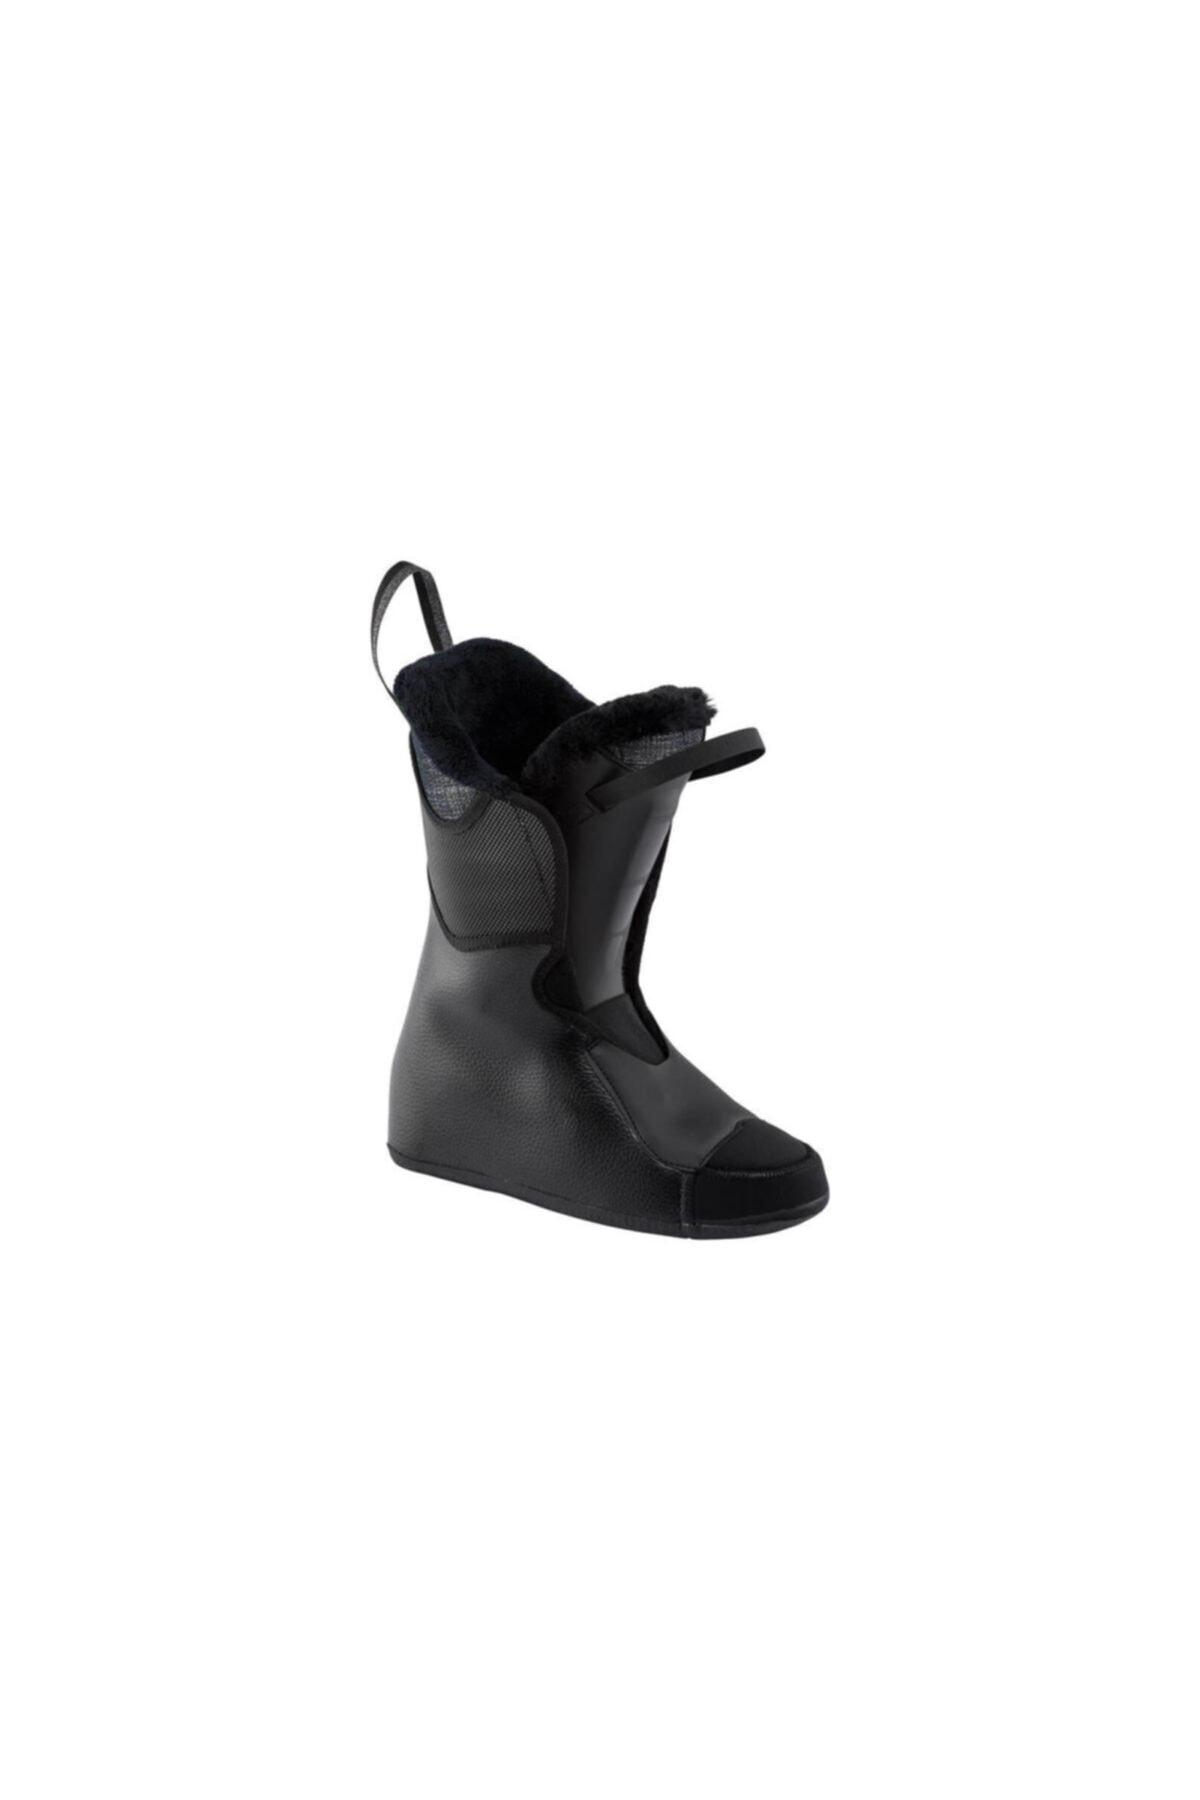 Rossignol Pure Comfort 60 Kadın Kayak Ayakkabısı 2